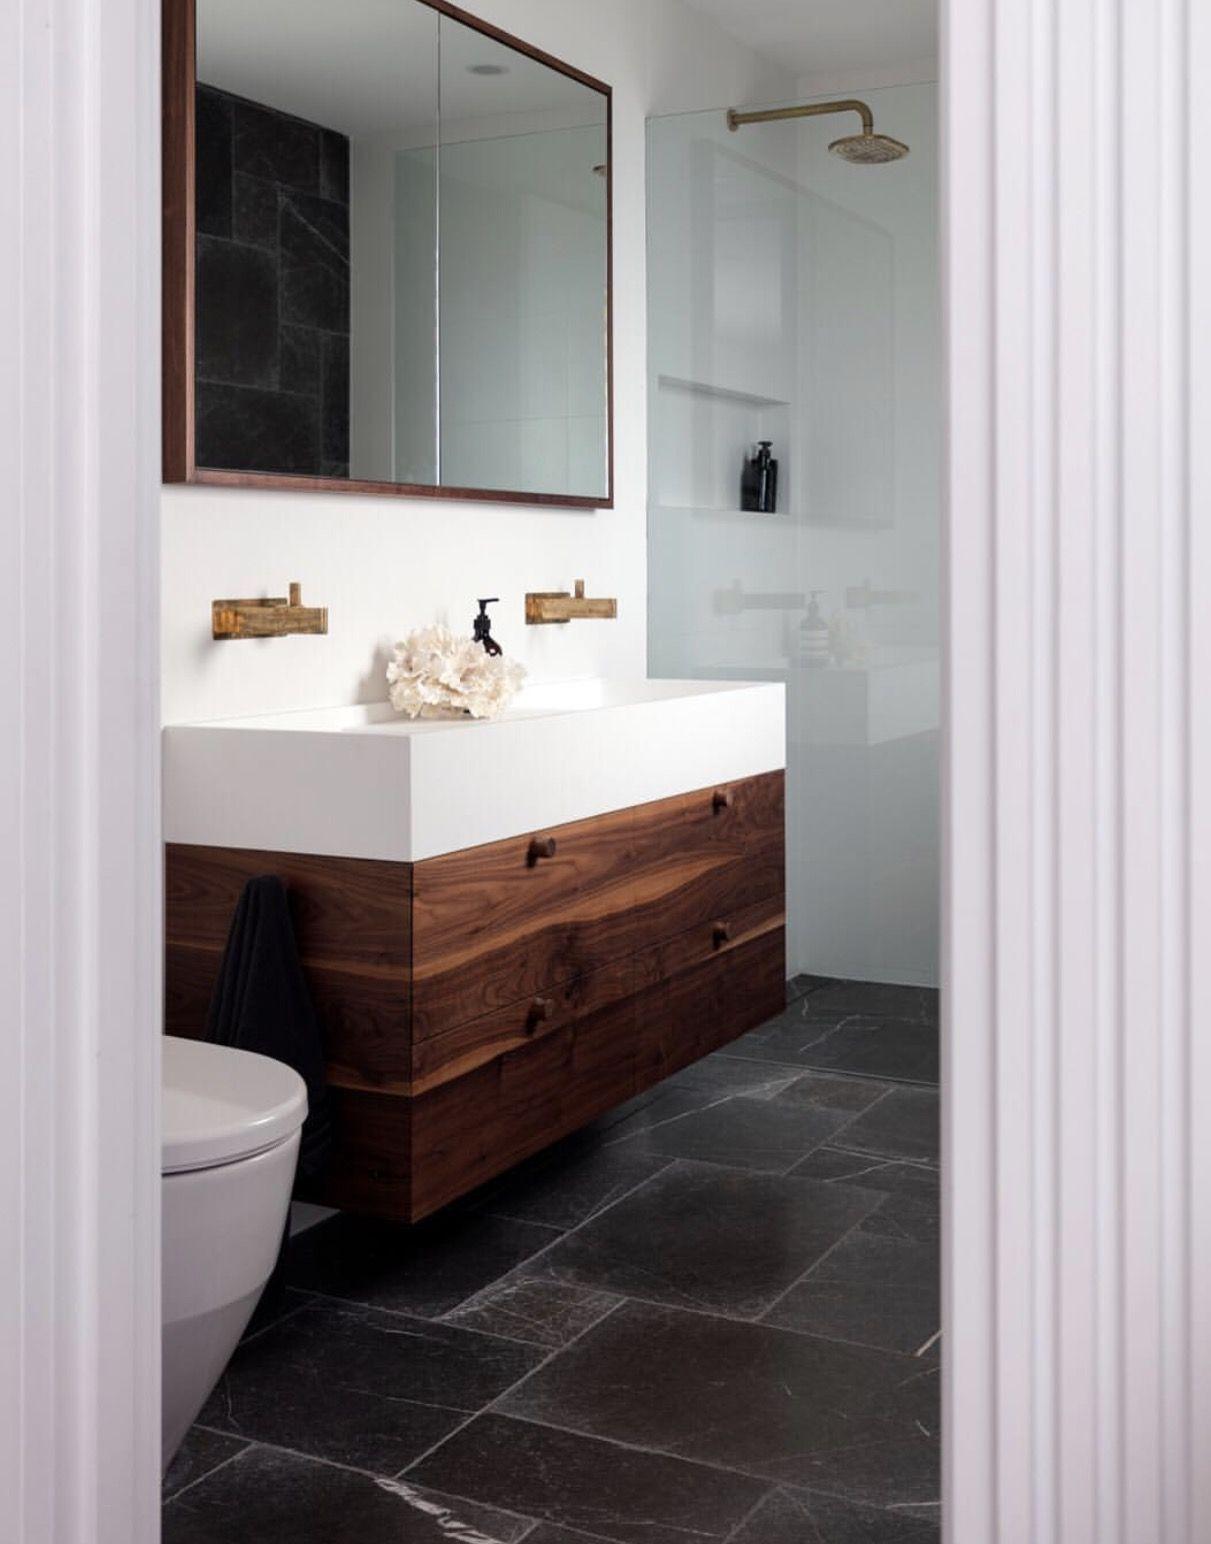 Badezimmer, Boden, Schiefer, Vintage, Steinlook, schwarz, dunkelgrau ...